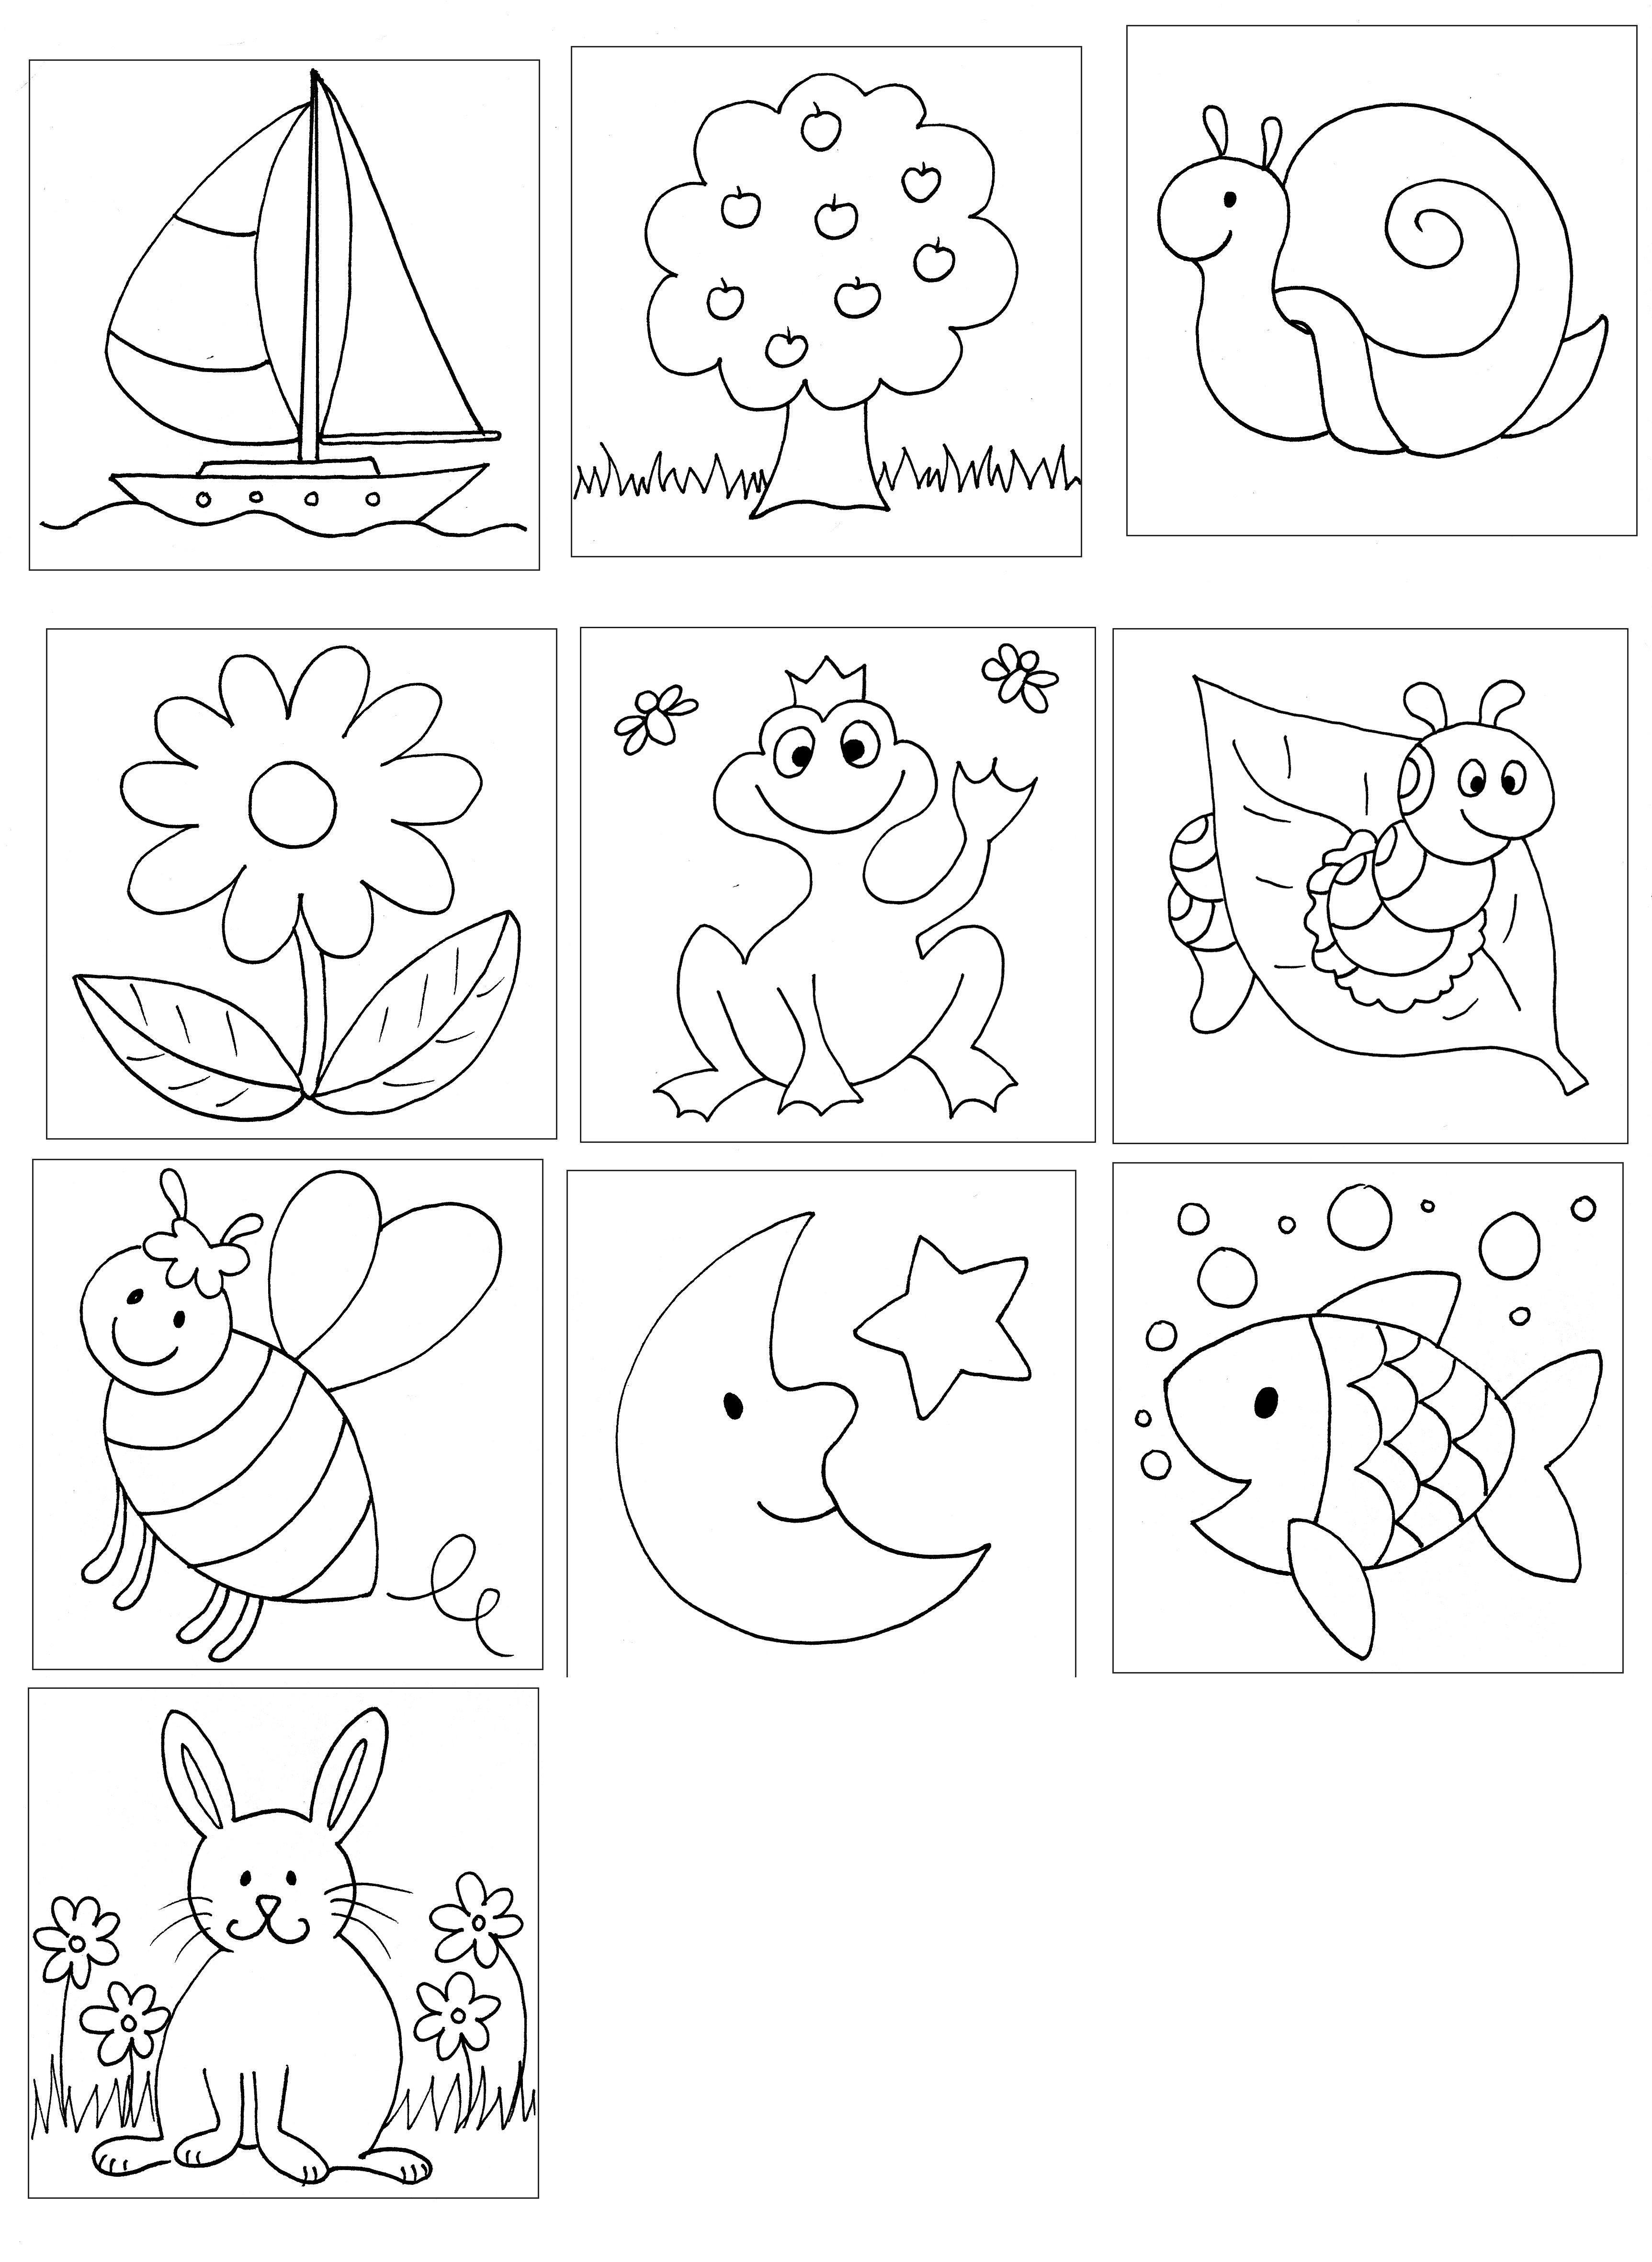 Pokemon Bilder Zum Ausdrucken In Farbe Neu 40 Einhorn Ausmalbilder forstergallery Das Bild